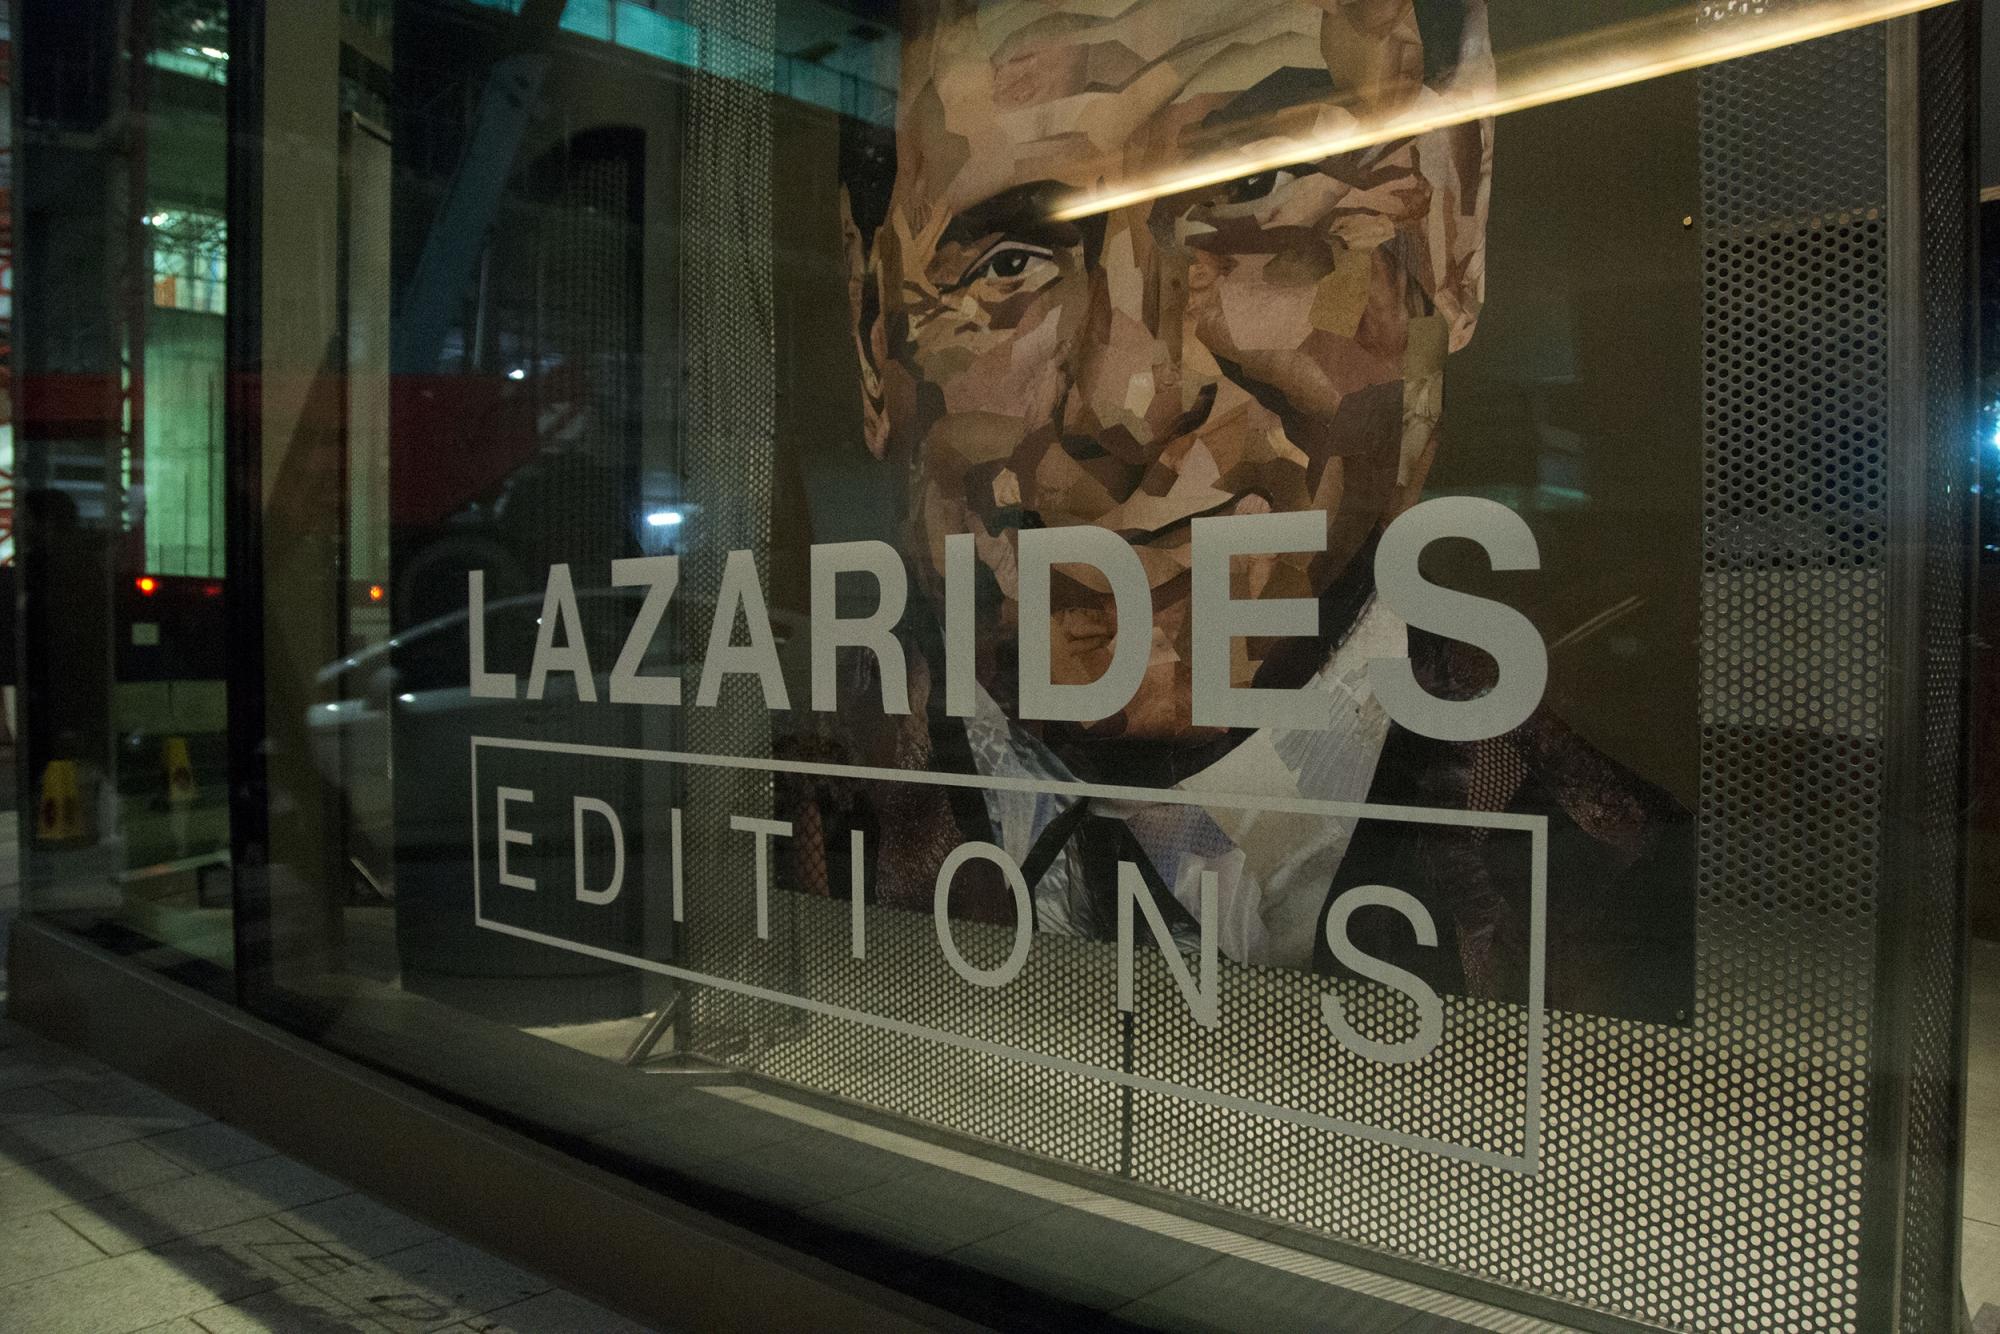 Laz_Editions_1_2000_1334_s.jpg